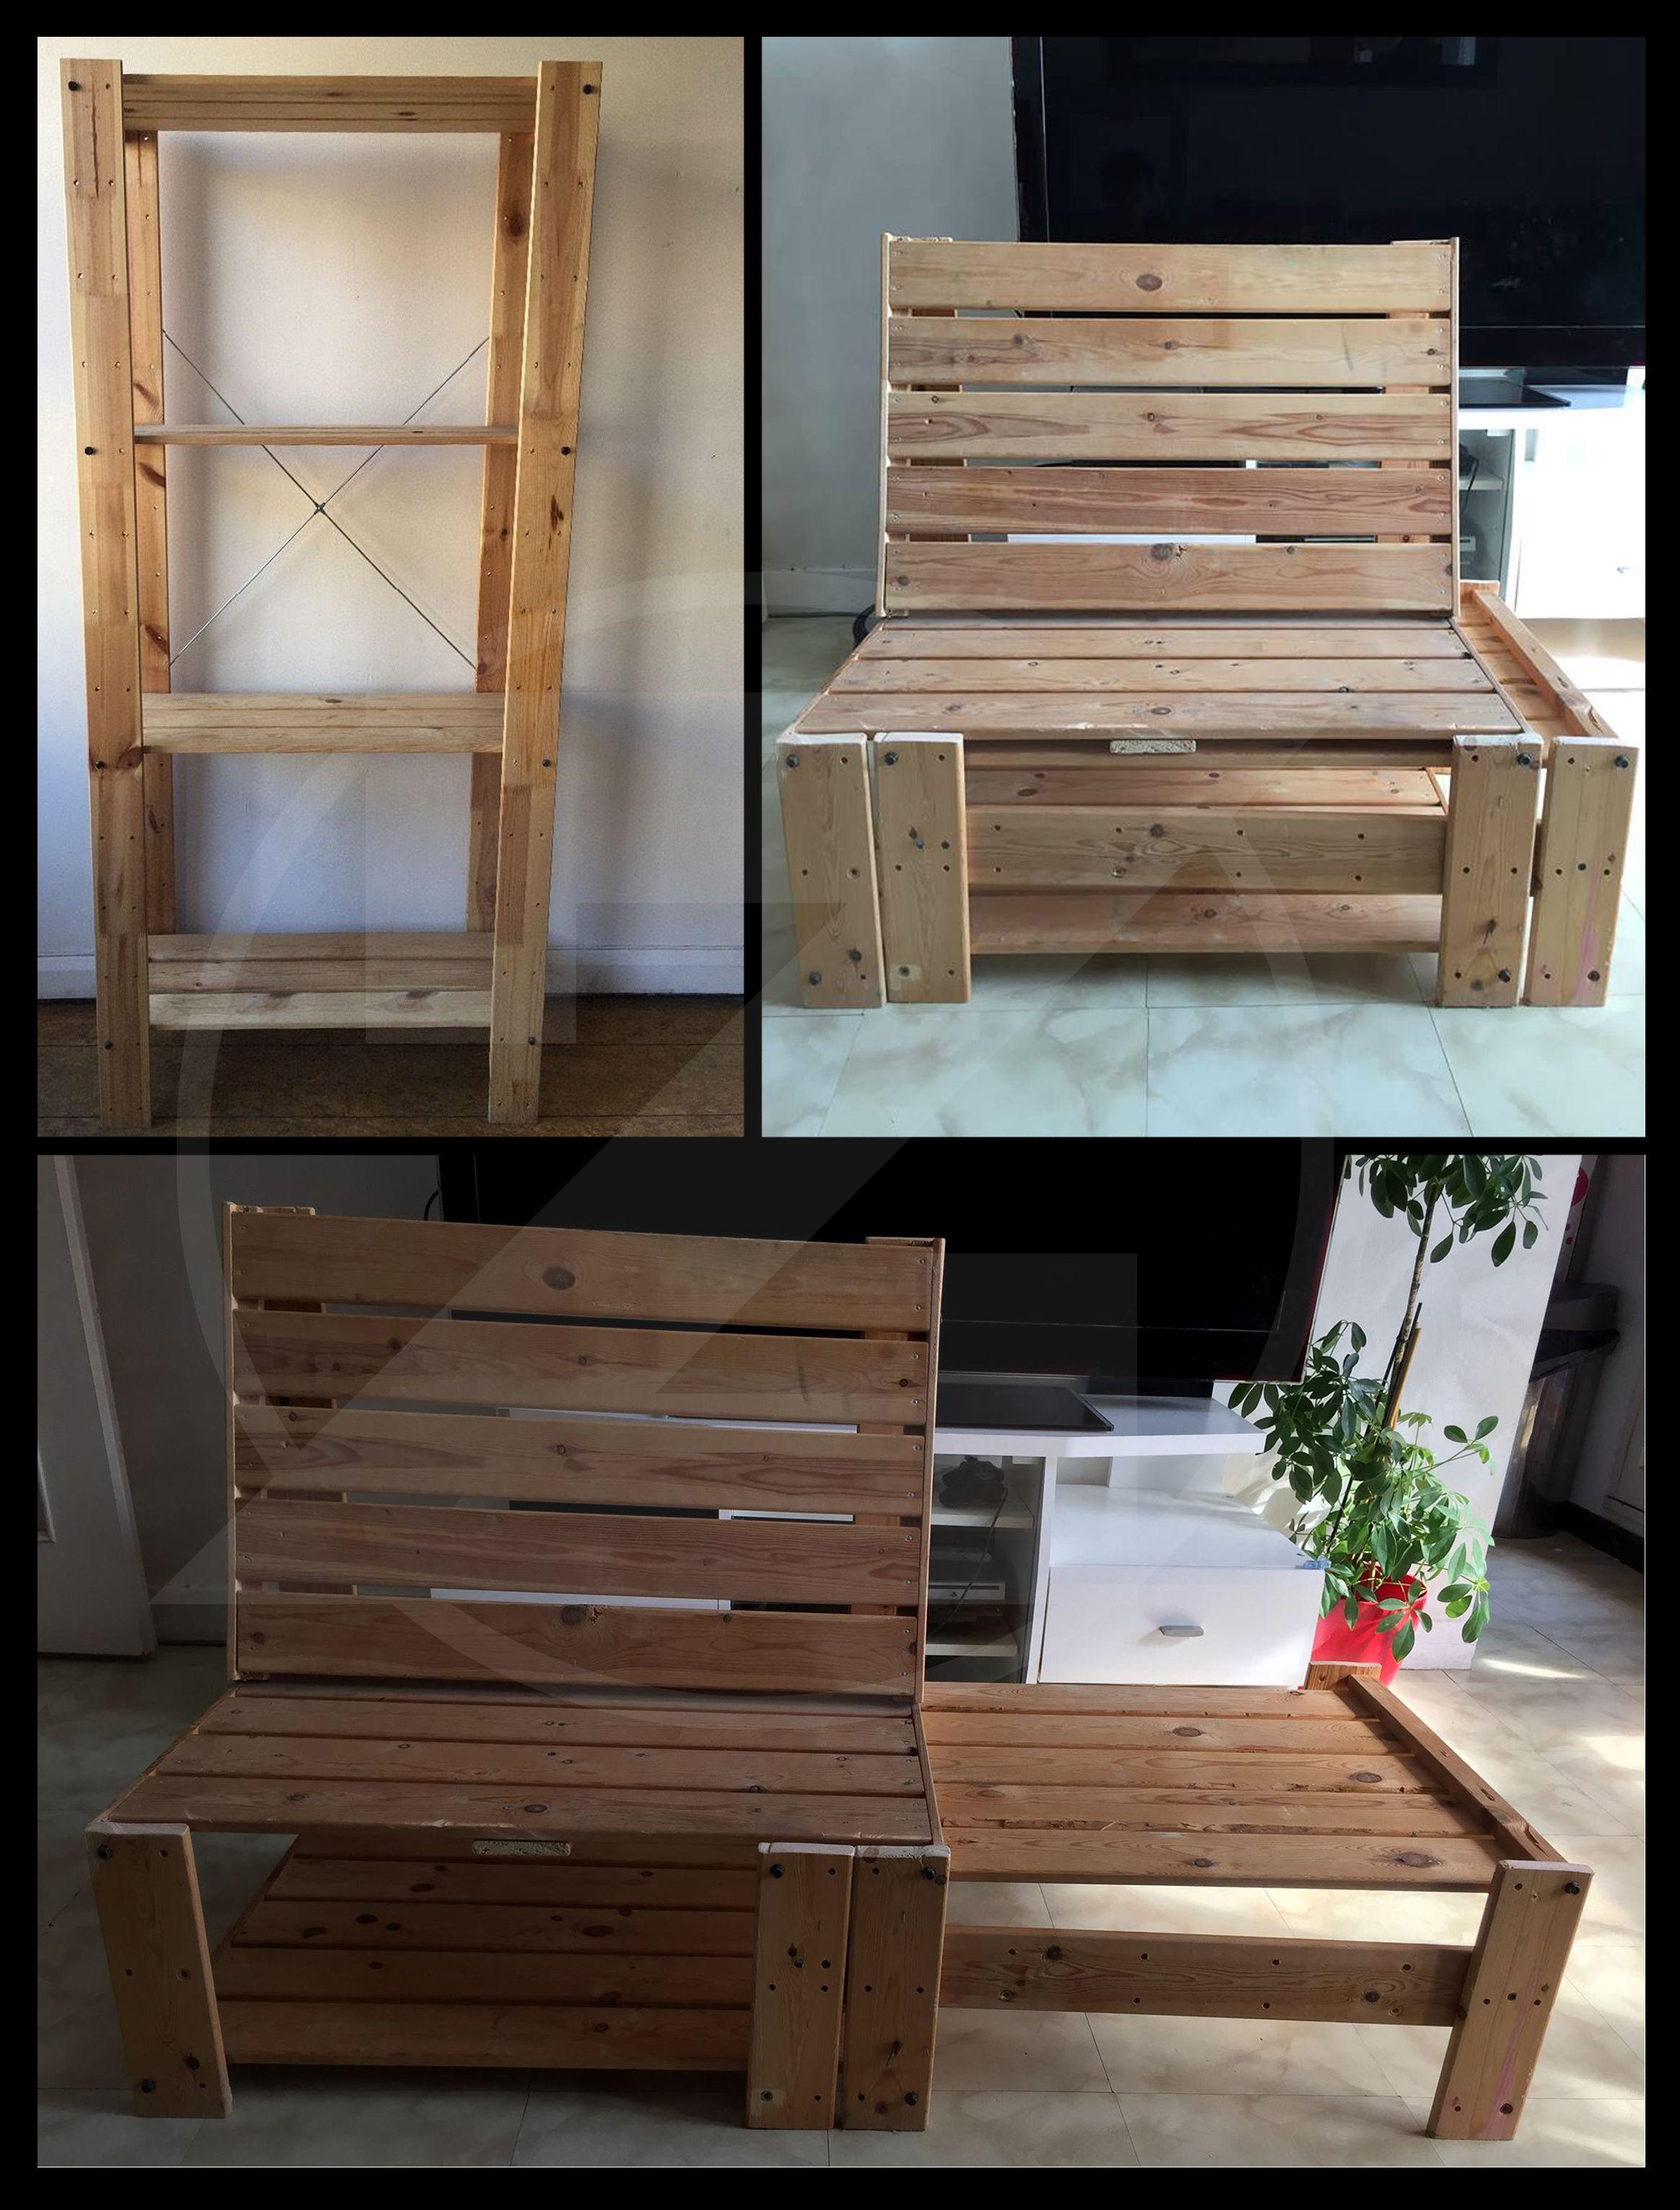 Dyi Ikea Hack étagère Gorm Hejne Banc Bois Avec Table